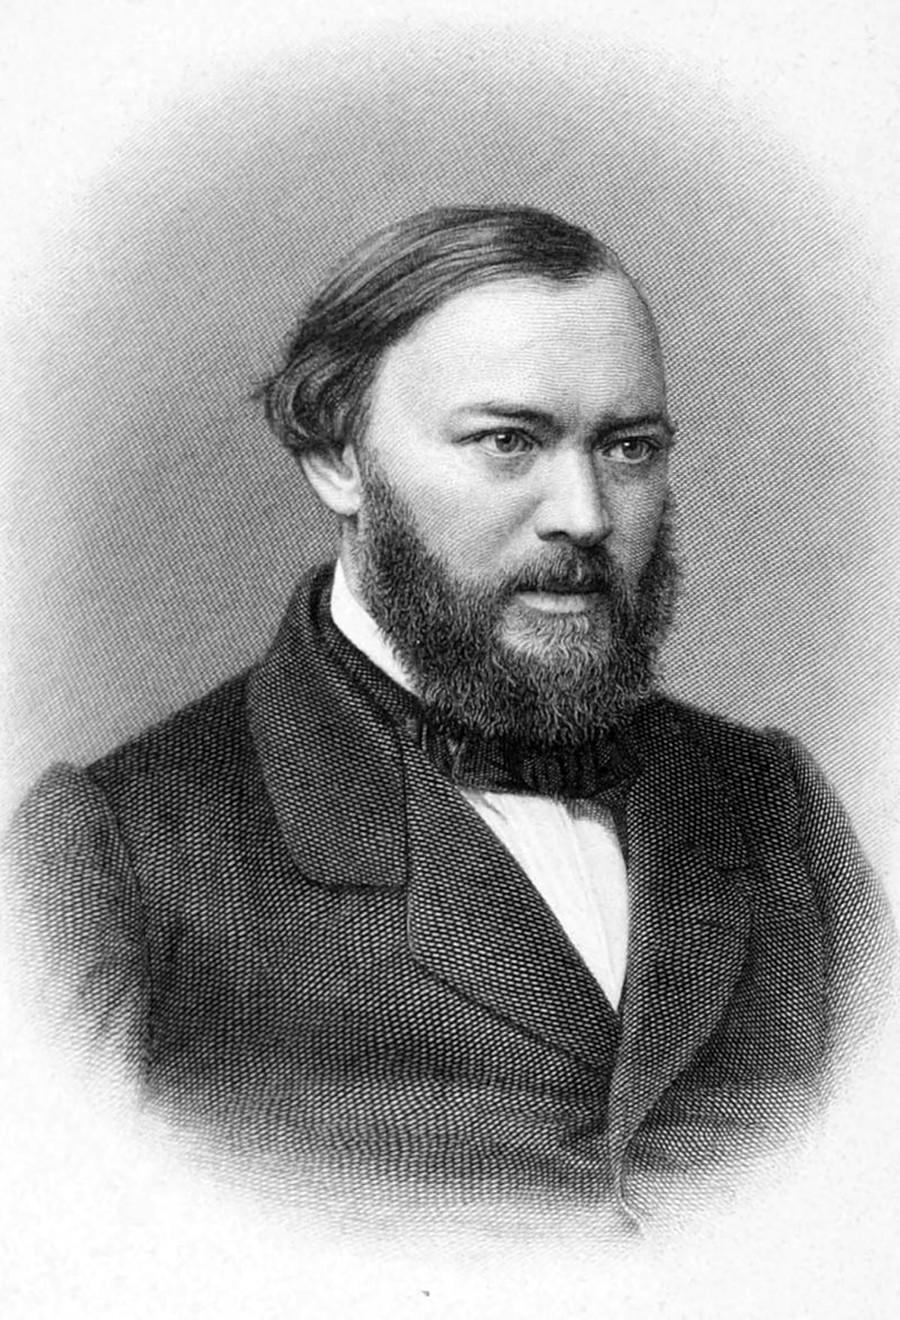 アレクサンドル・オストロフスキー